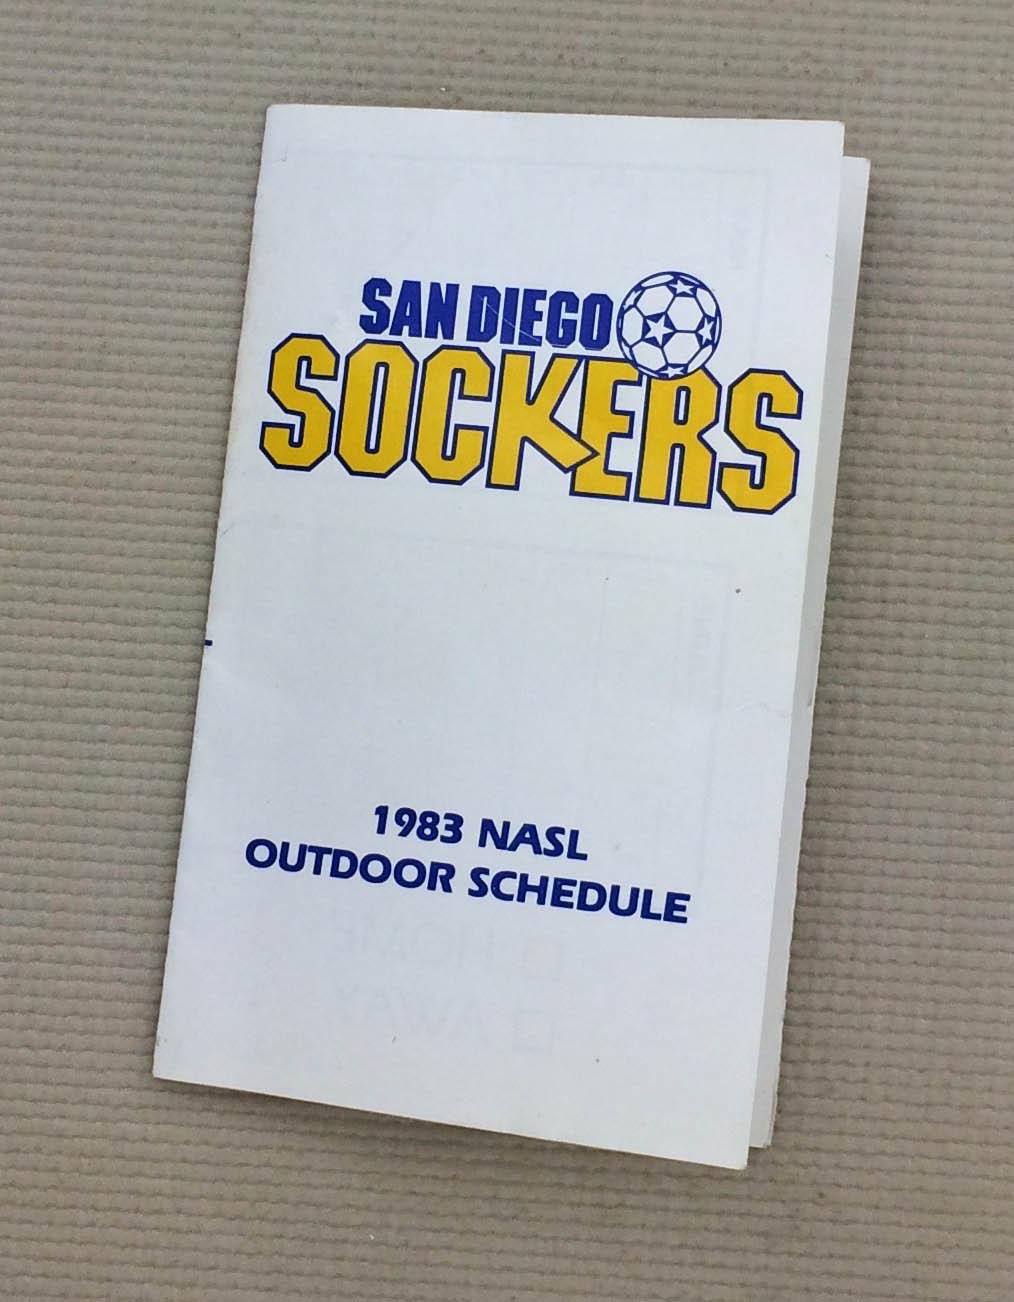 San Diego Sockers 1983 NASL Schedule